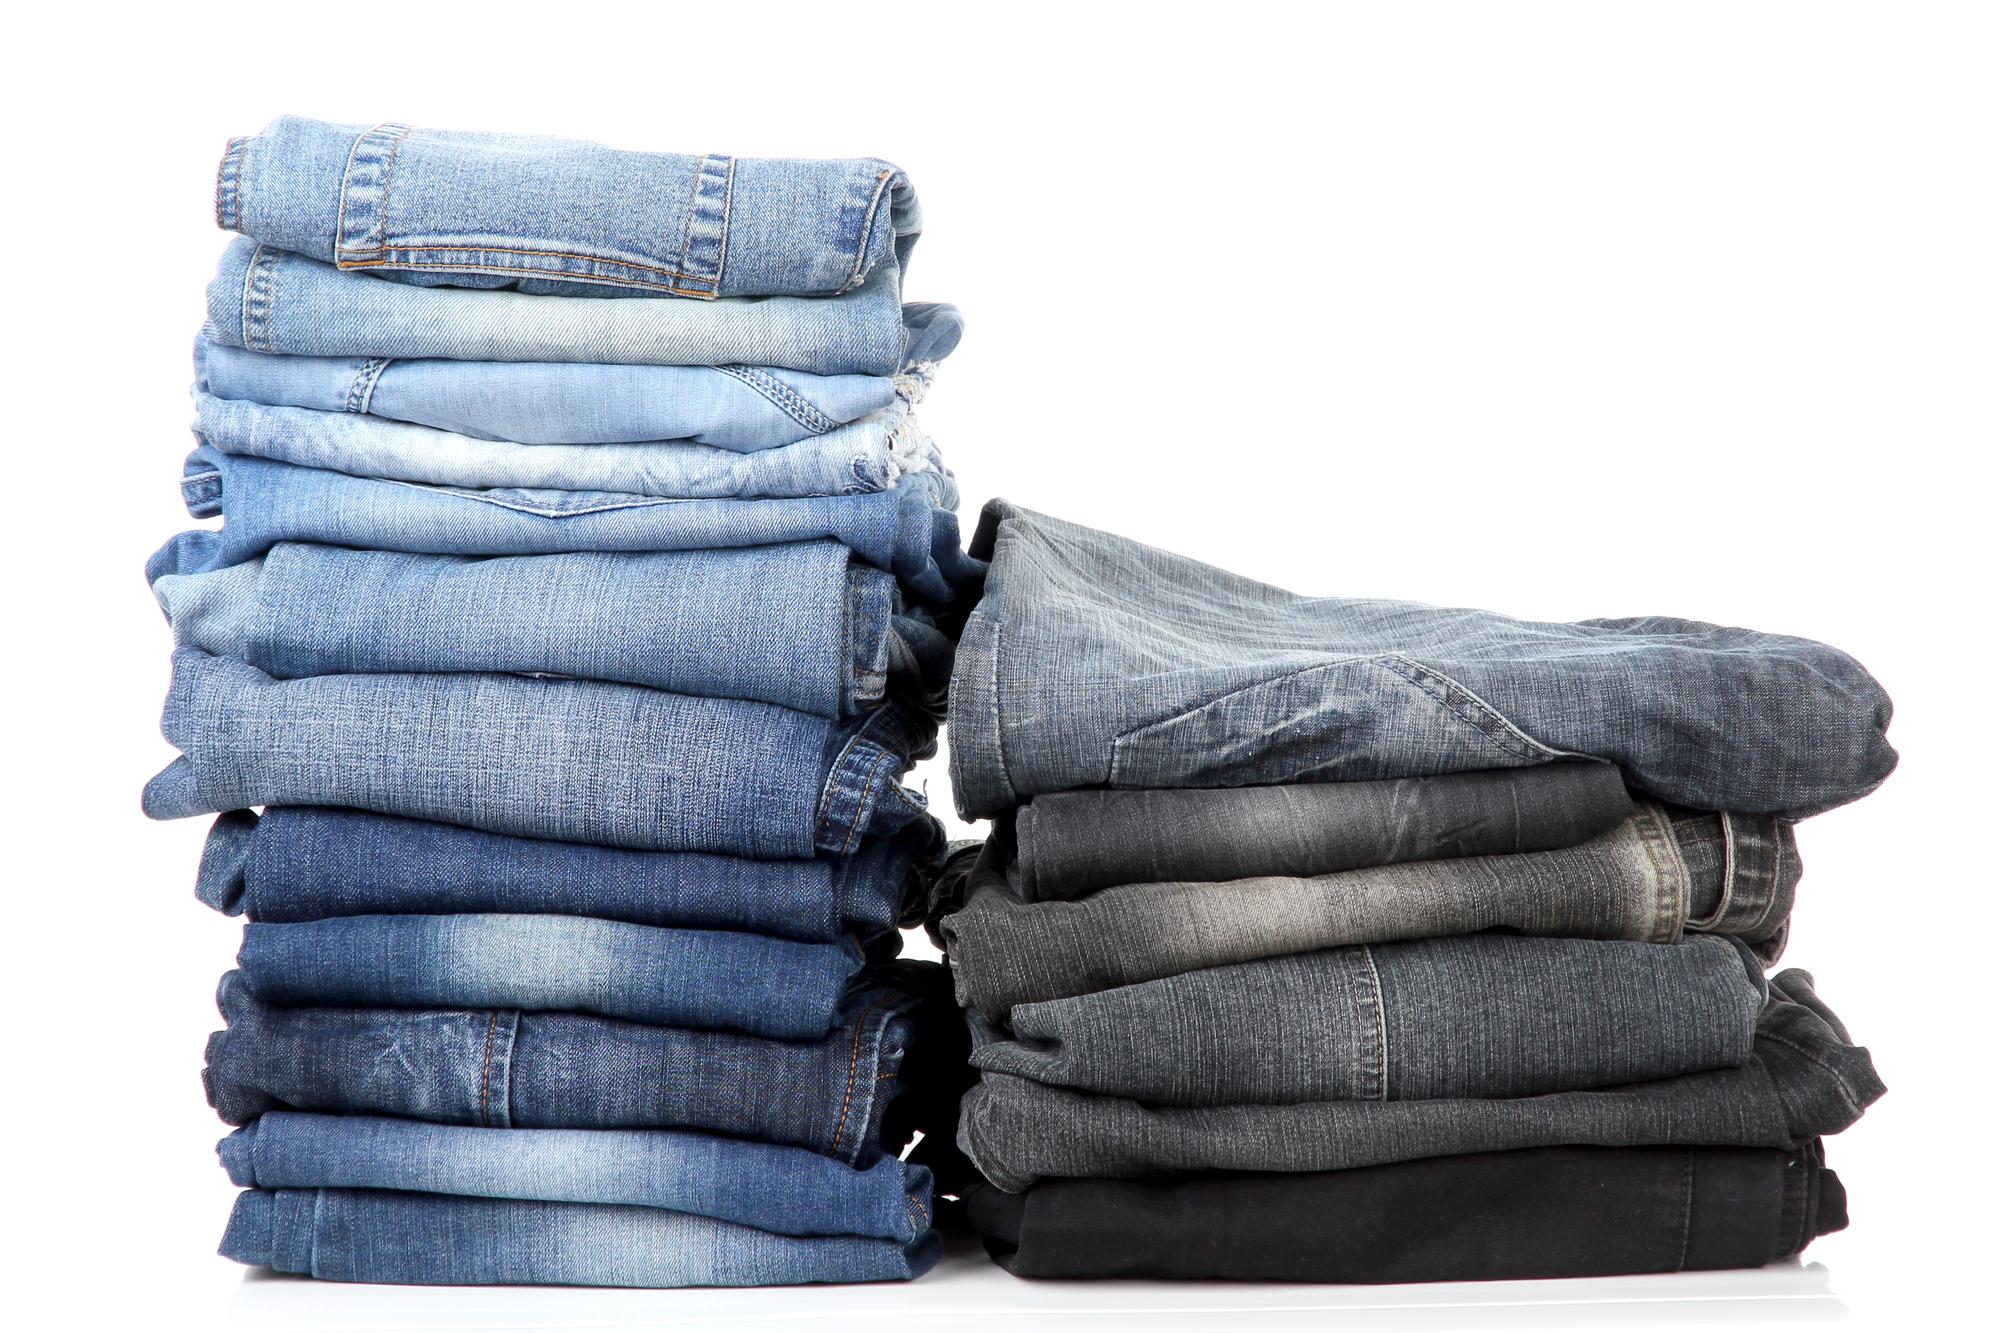 ג׳ינסים